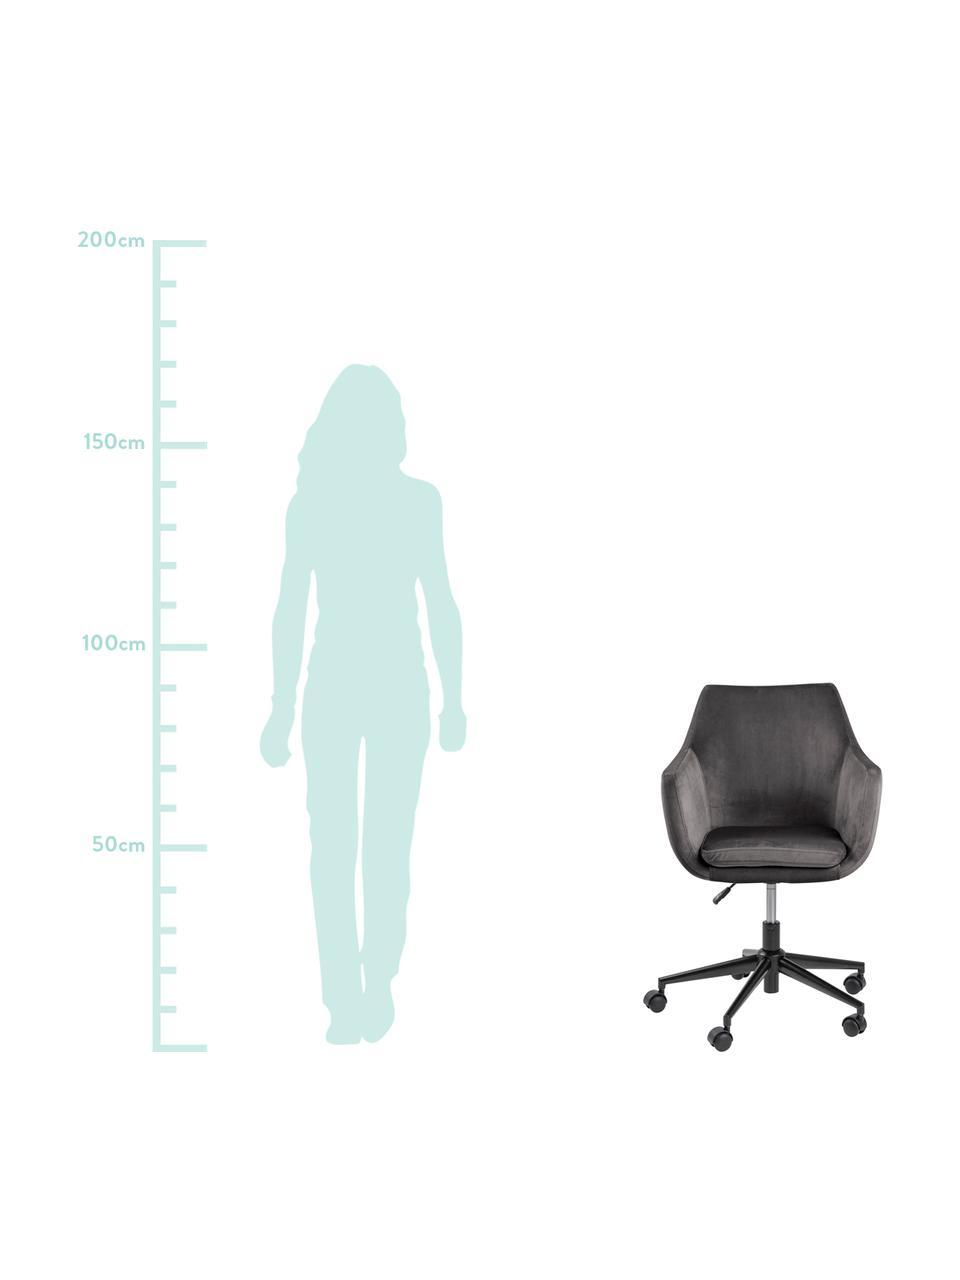 Sedia da ufficio girevole in velluto Nora, Rivestimento: poliestere (velluto) 25.0, Struttura: metallo verniciato a polv, Grigio scuro, nero, Larg. 58 x Prof. 58 cm